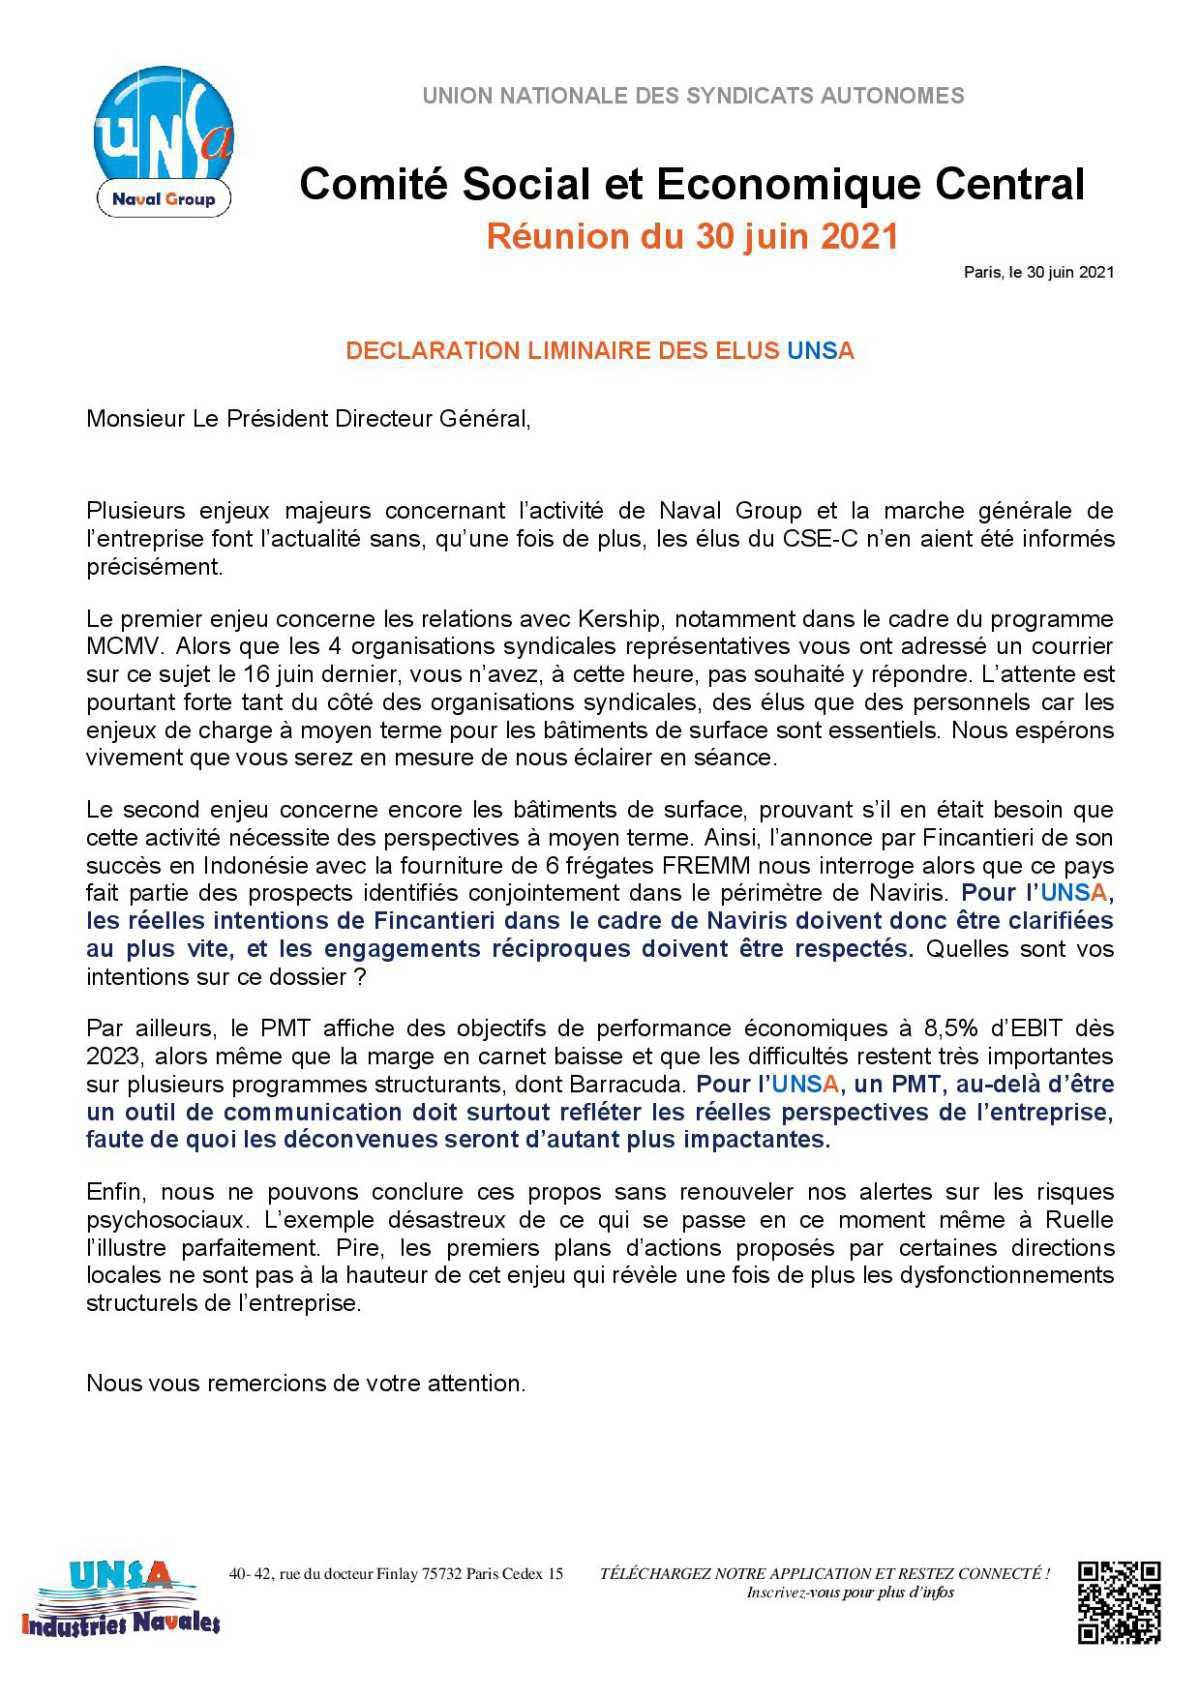 Réunion du 30 juin 2021 - Déclaration liminaire